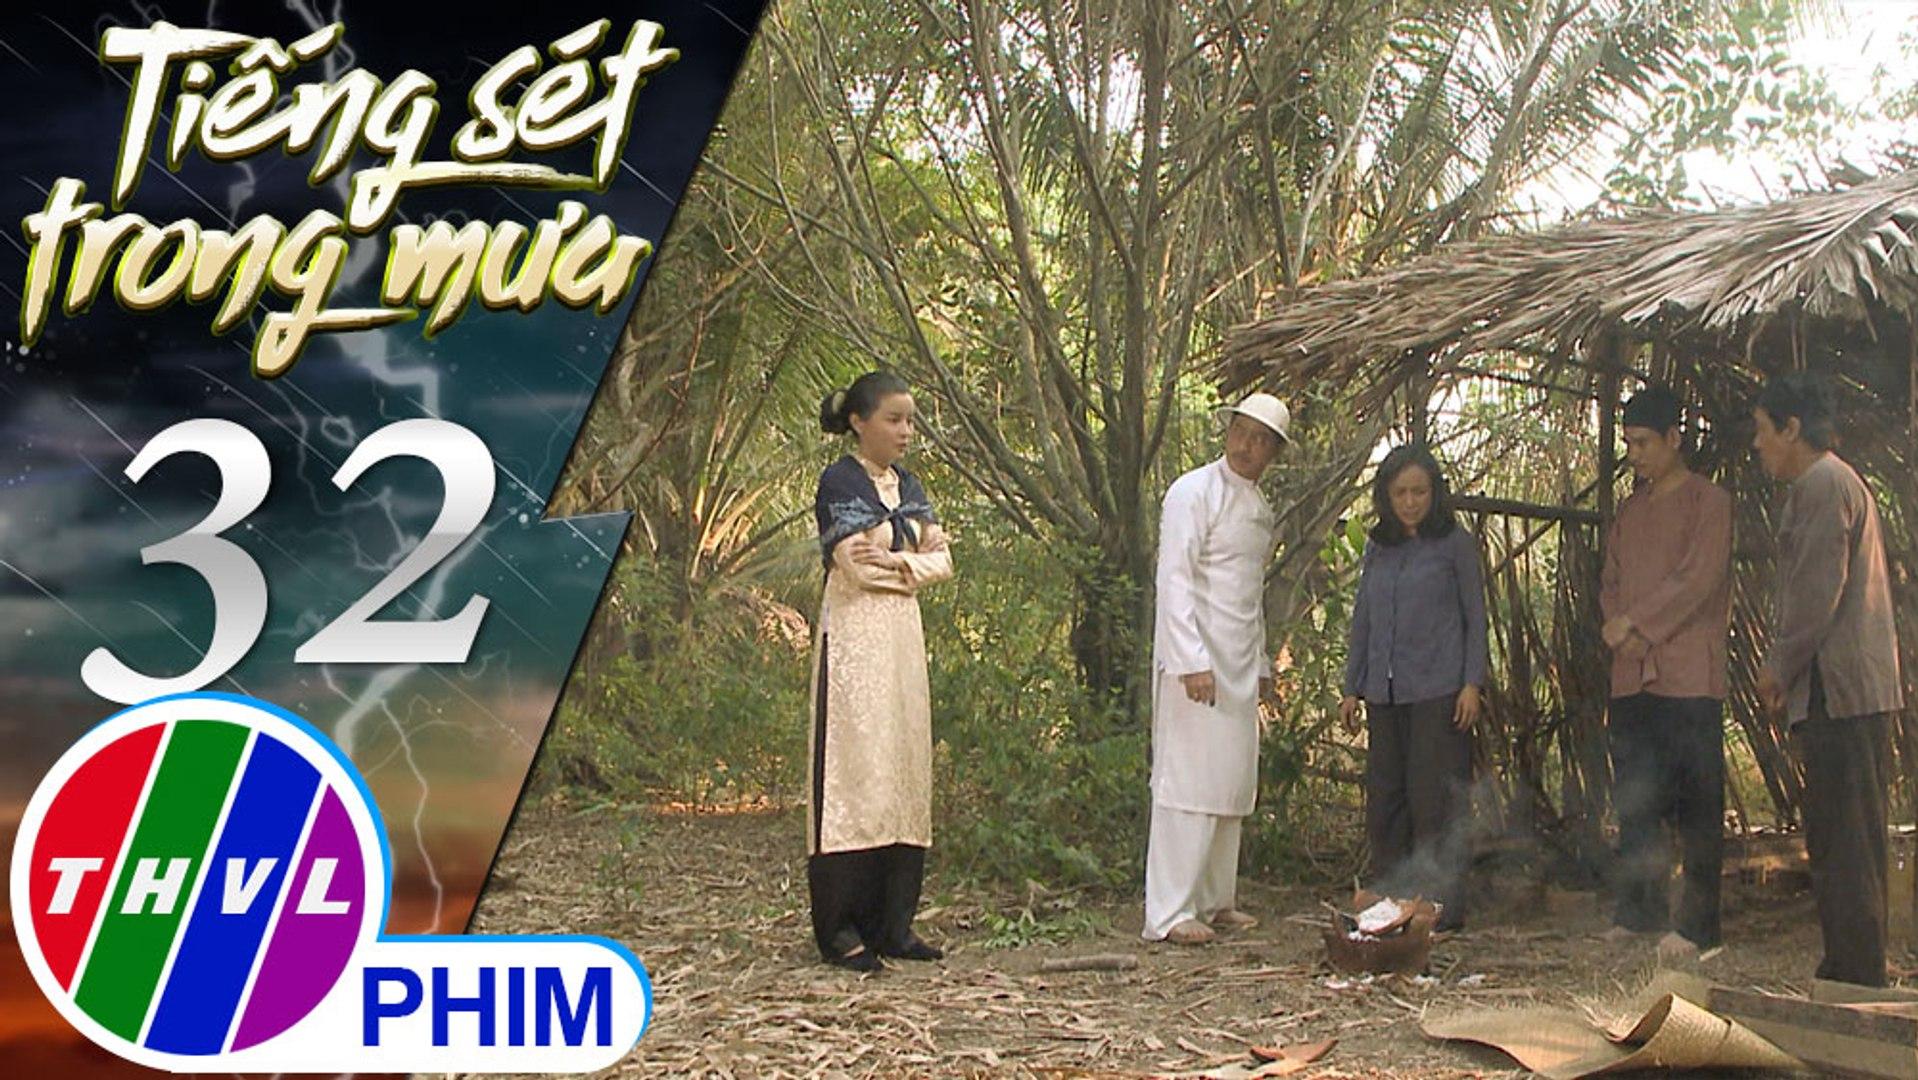 THVL | Tiếng sét trong mưa - Tập 32[6]: Hai Sáng kéo người đến kiếm chuyện đuổi Hiểm đi